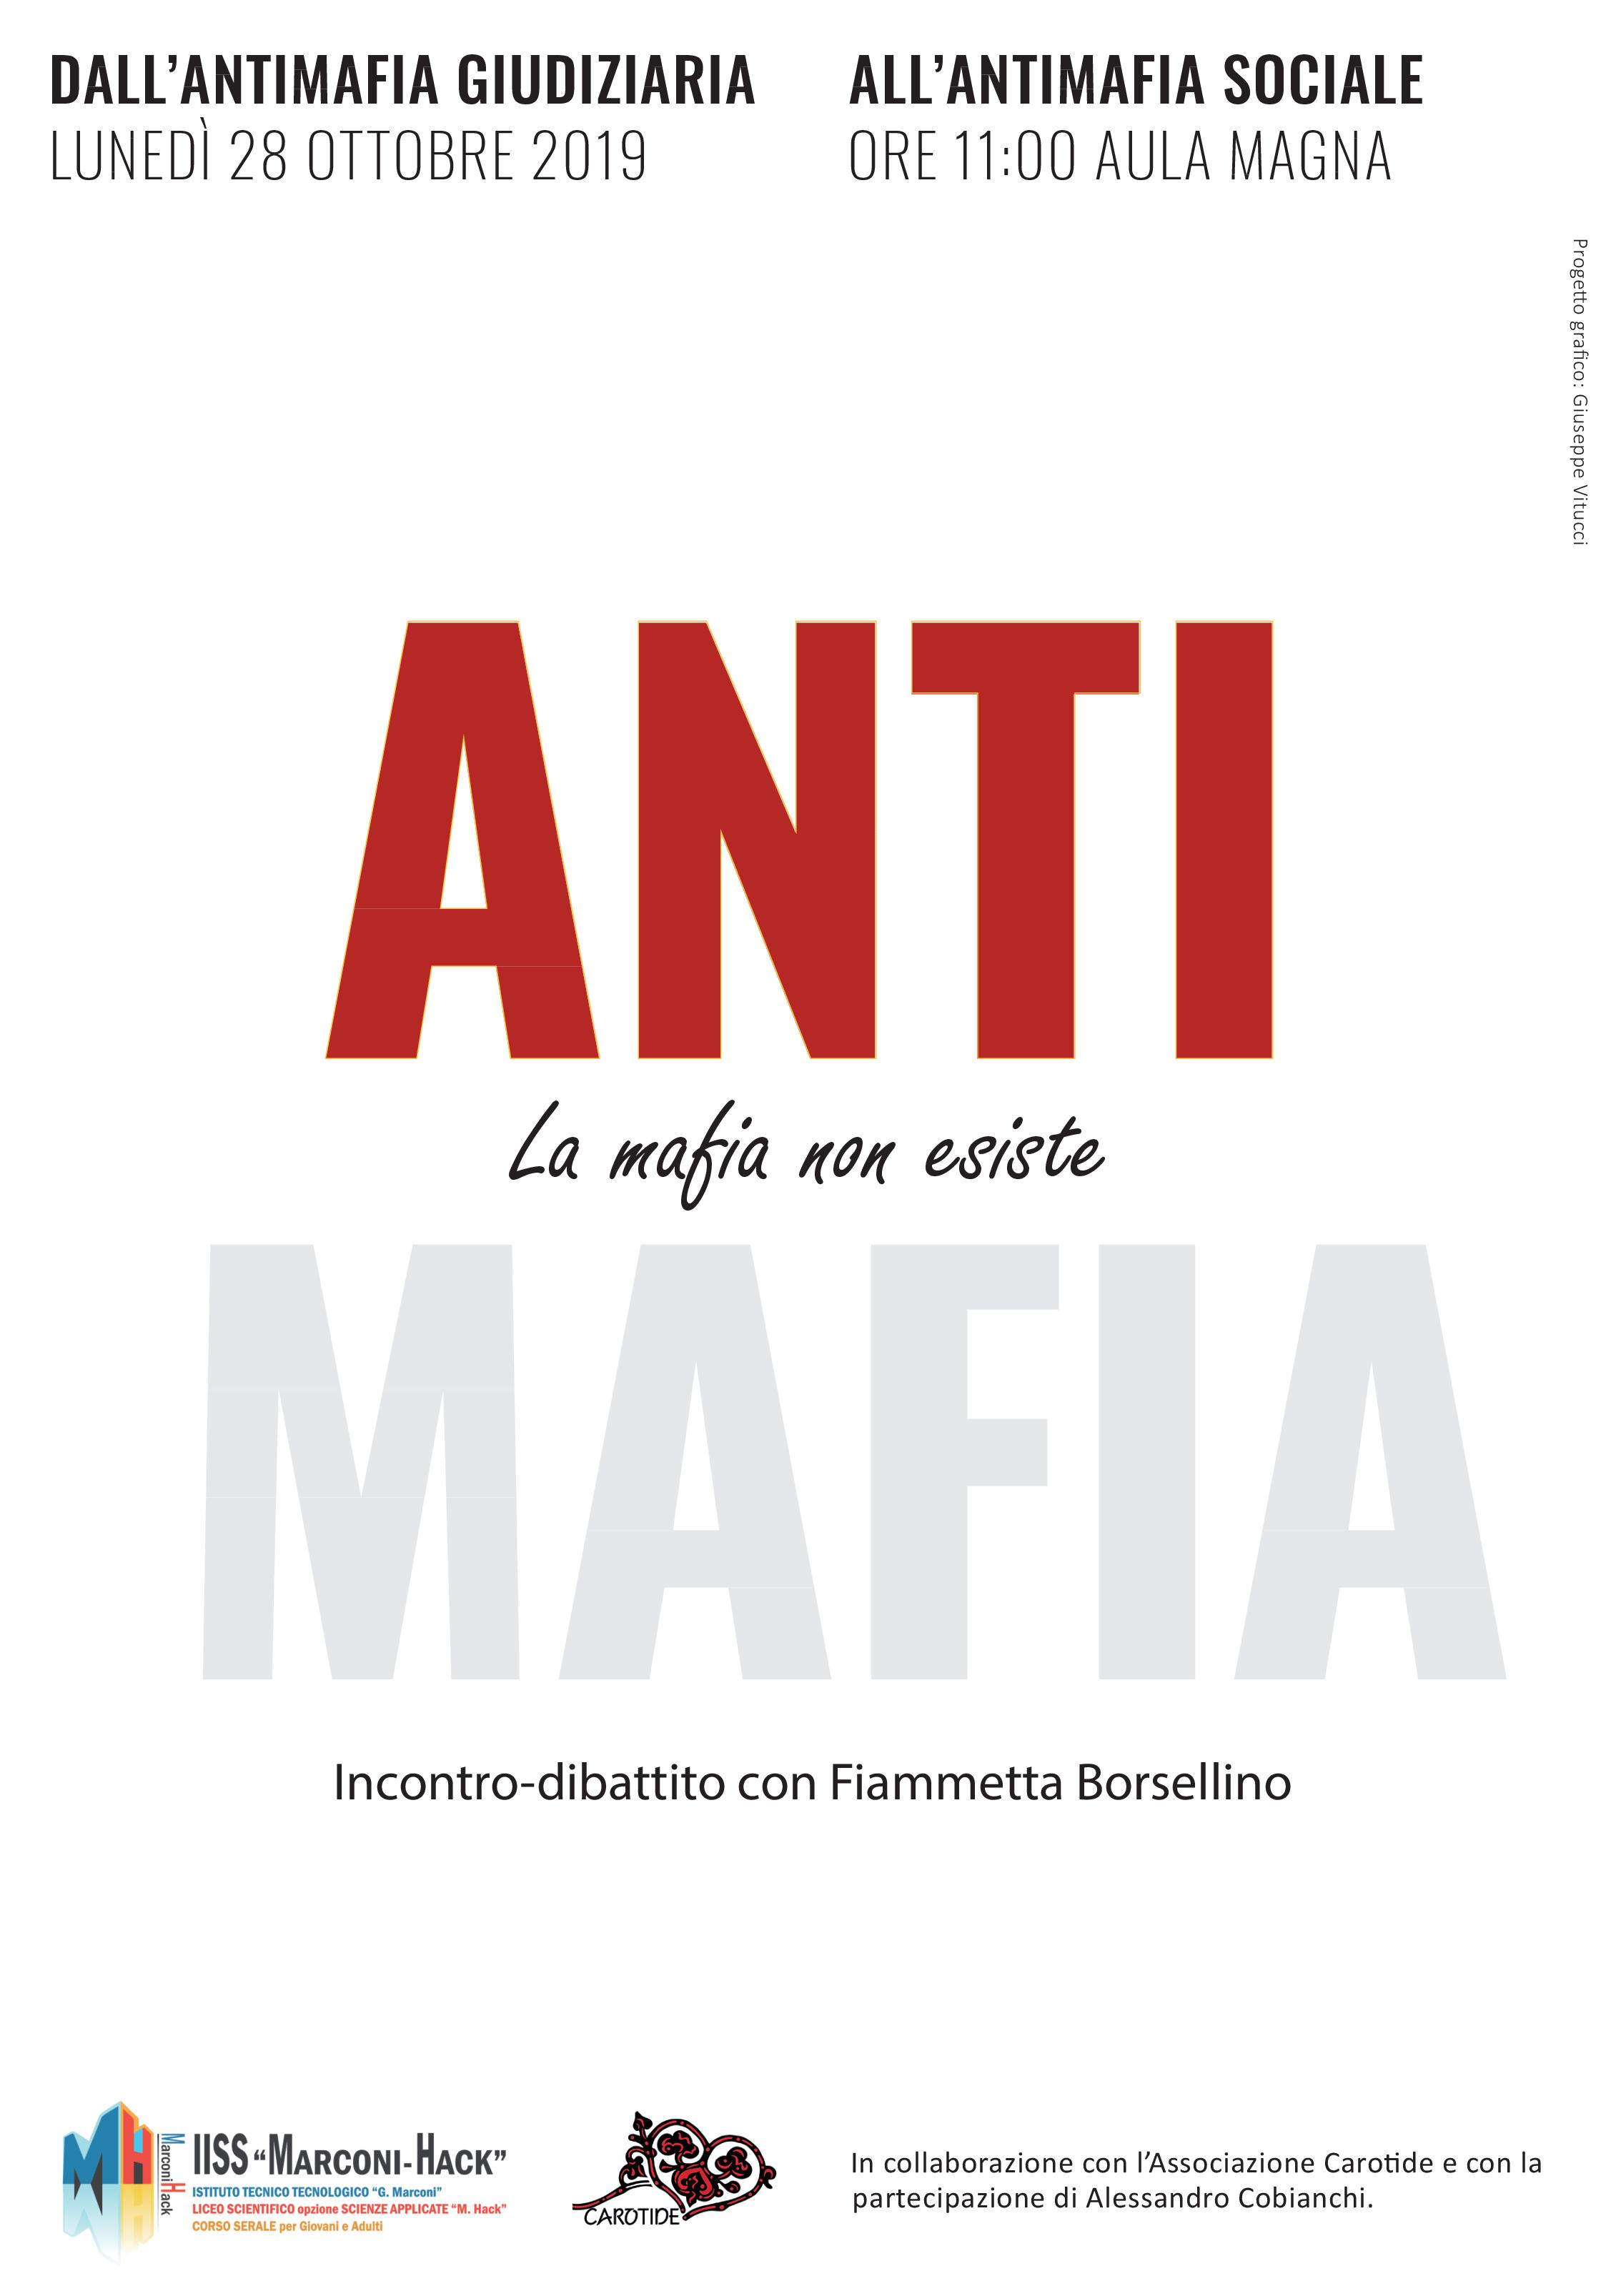 Locandina evento incontro con Fiammetta Borsellino